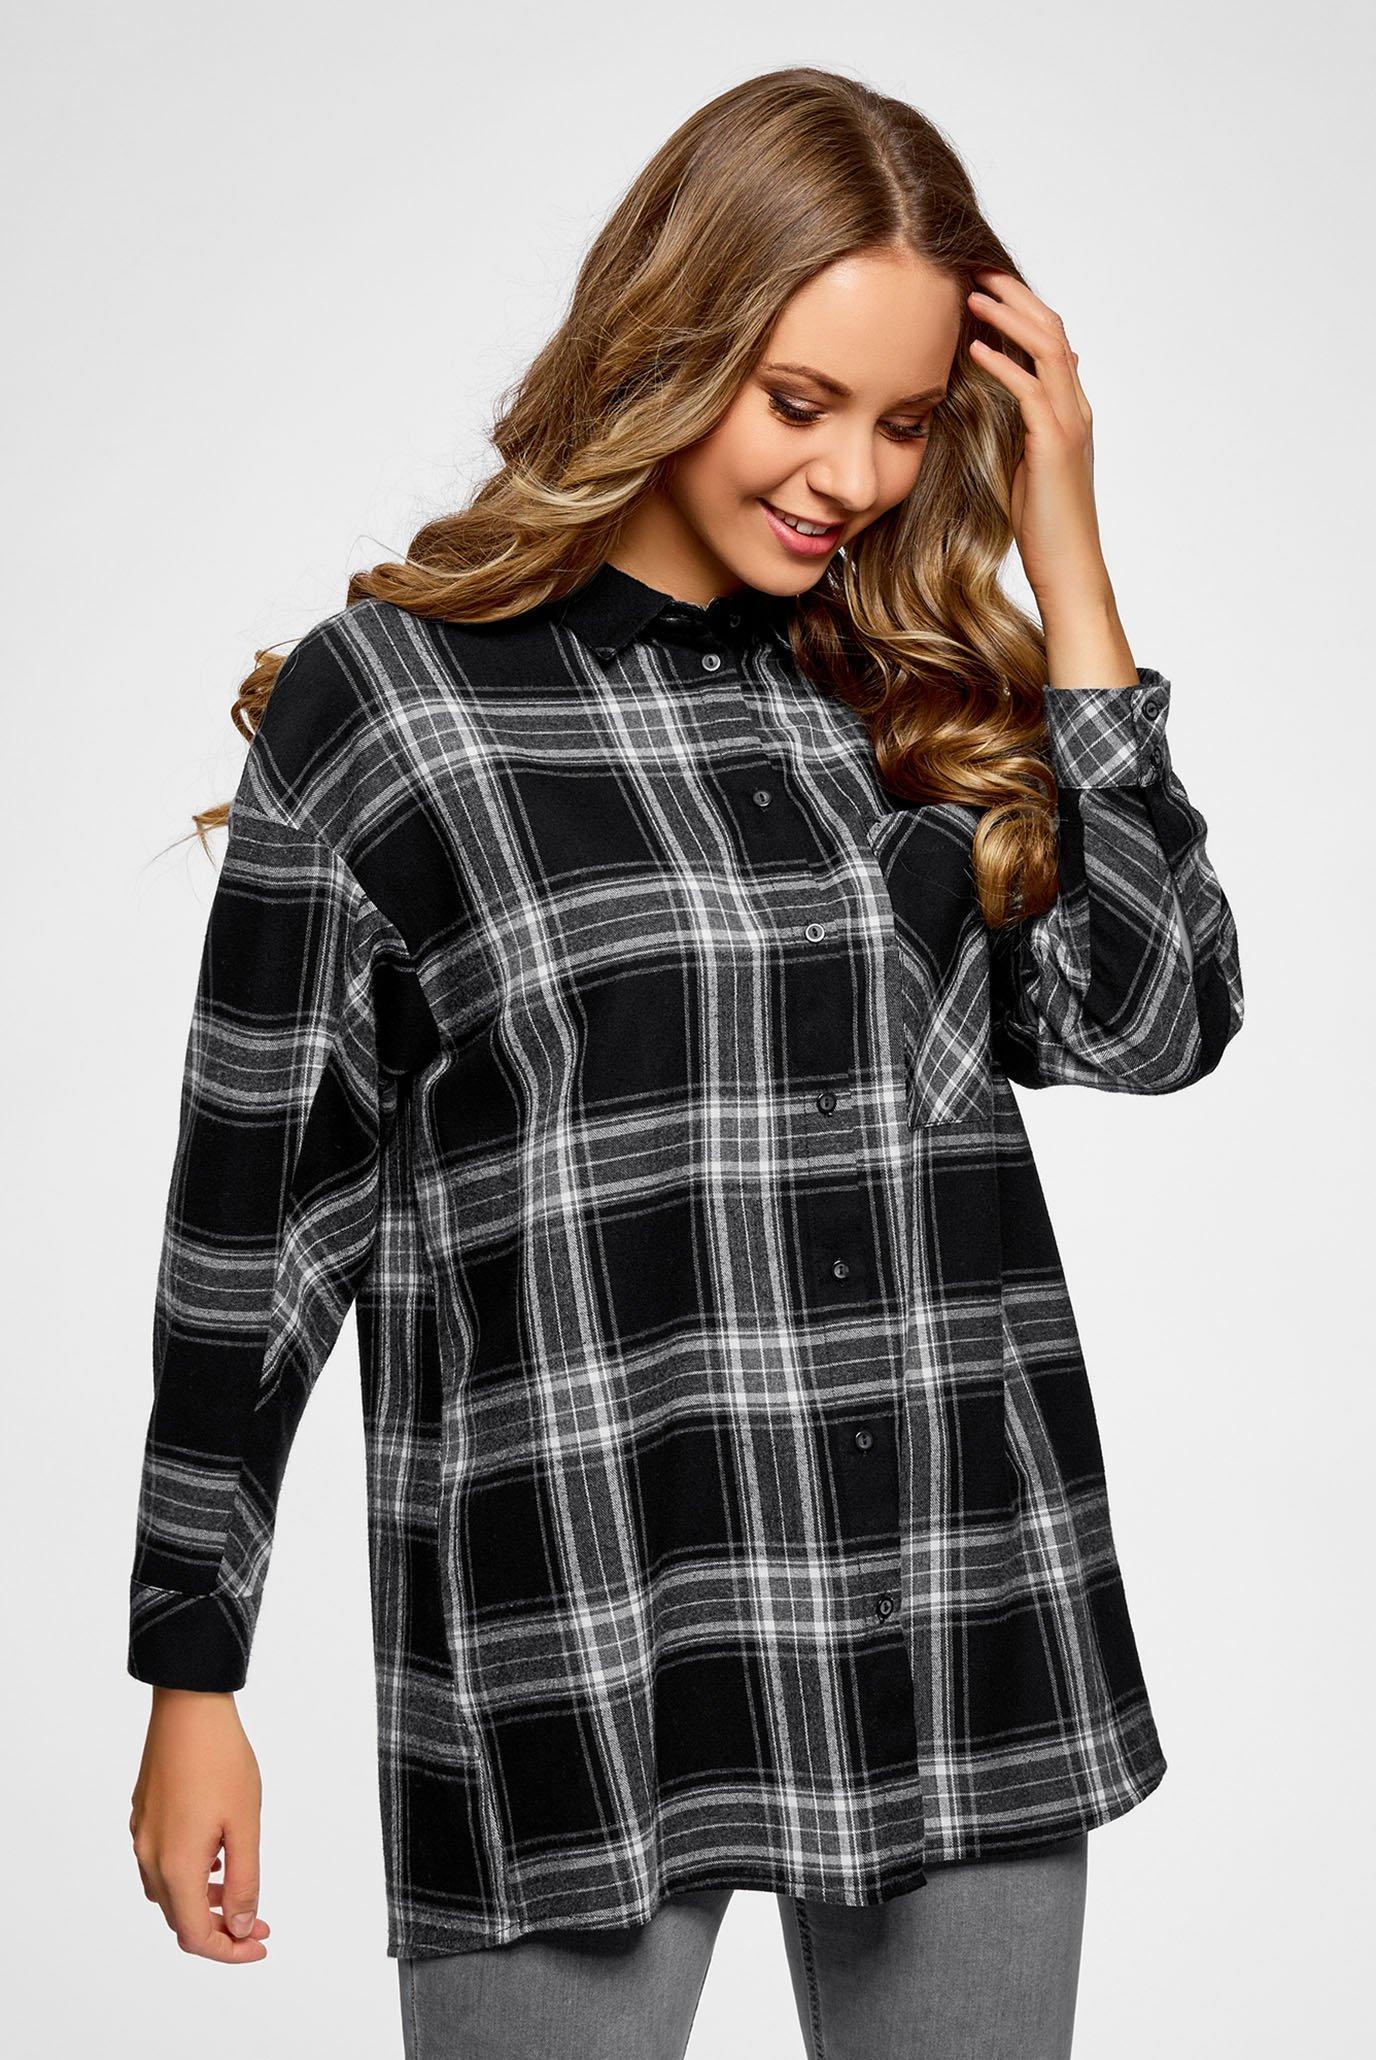 c577356b1 Купить Женская черная рубашка в клетку Oodji Oodji 11400432/43114/2925C –  Киев, Украина. Цены в интернет ...